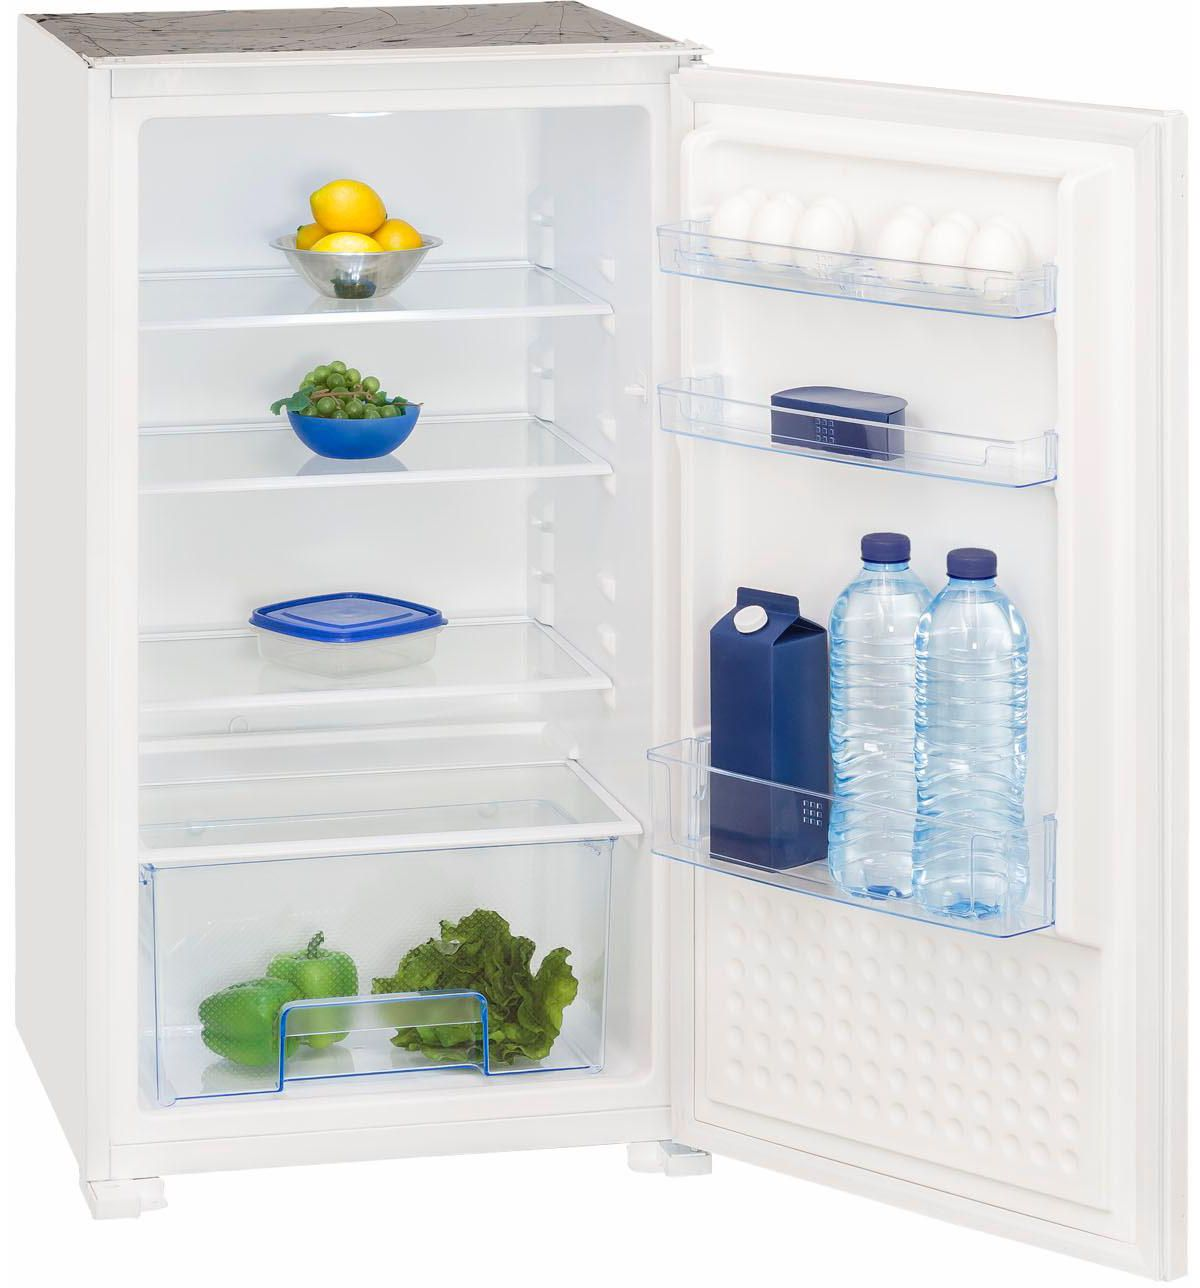 exquisit integrierbarer Einbau-Kühlschrank EKS ...